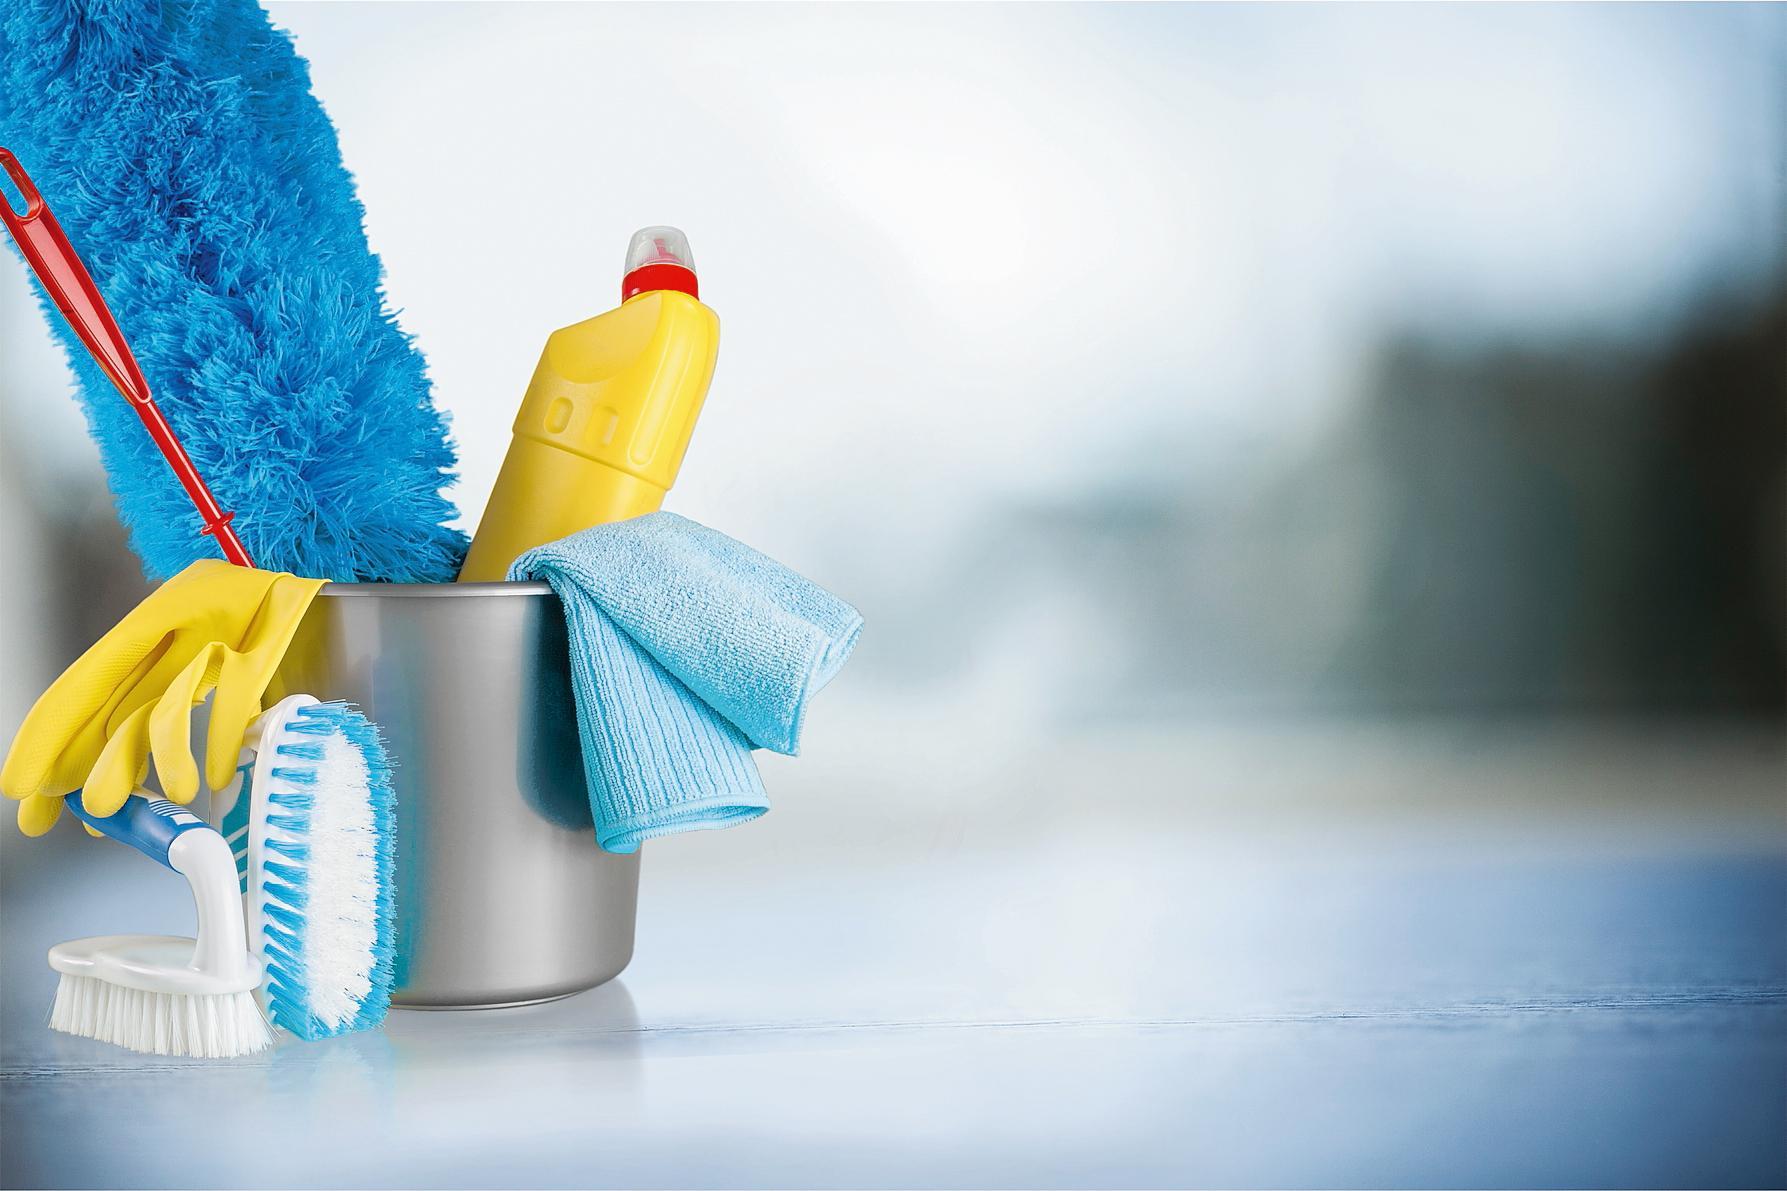 Umidità In Casa Rimedi Della Nonna pulizie di casa con rimedi fai da te, preparando da soli